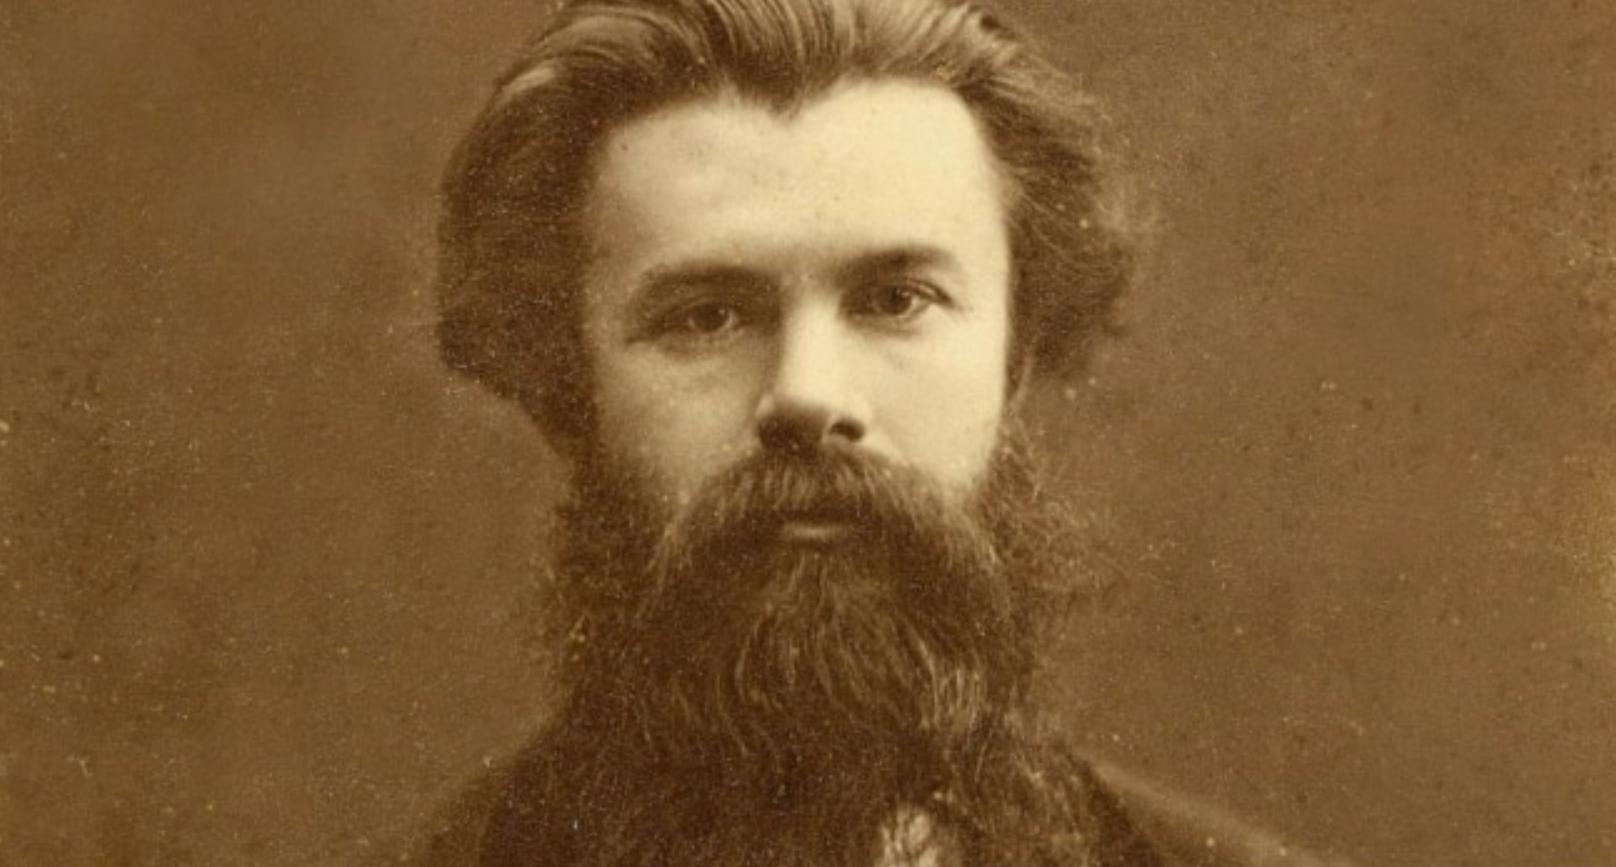 """Біографи Лесі Українки пишуть, що вона вважала свого дядька Михайла Драгоманова """"ідеалом"""". Фото 1870-х років."""